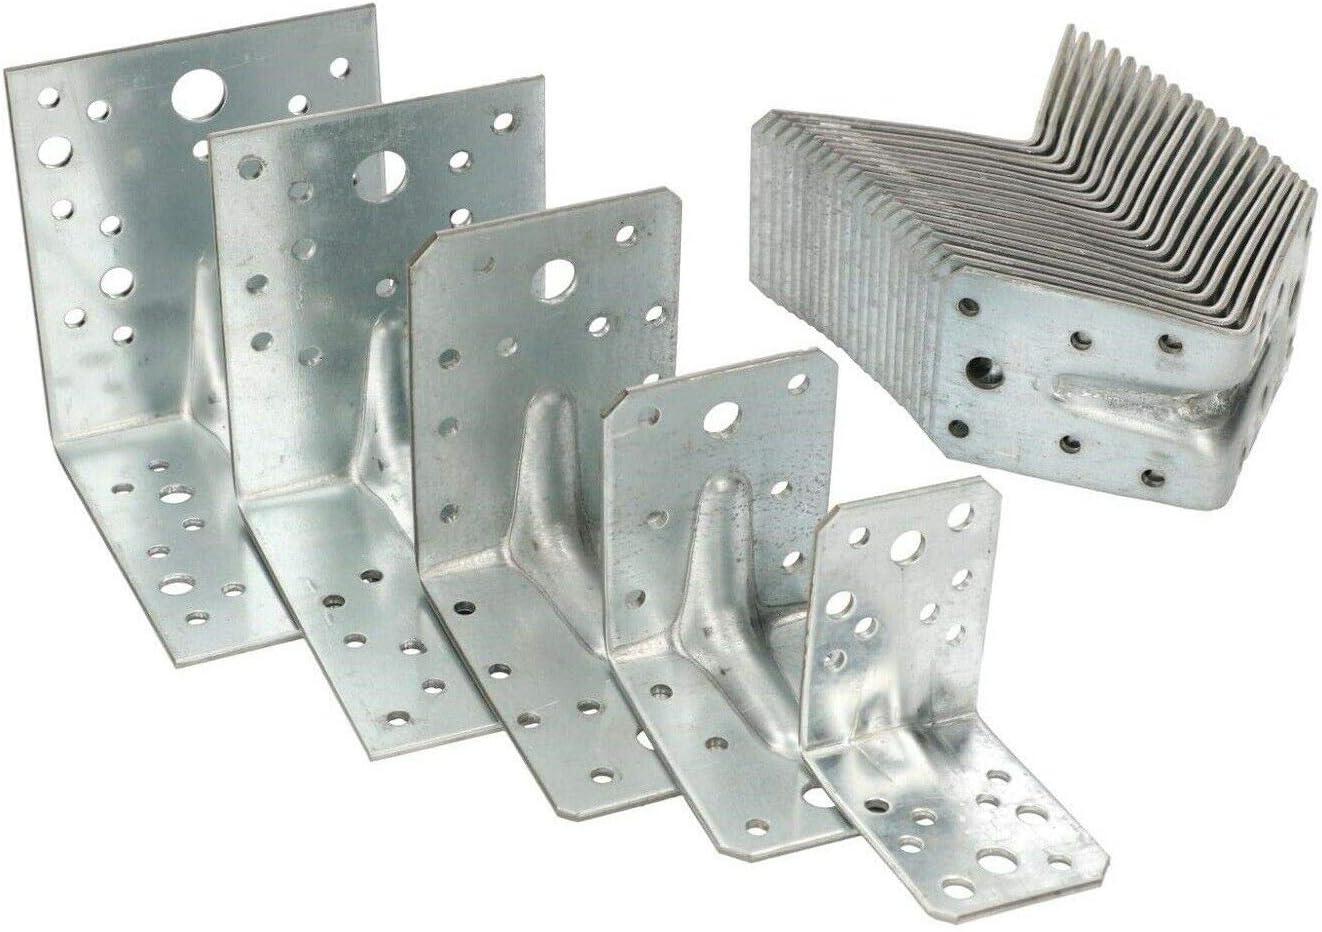 KOTARBAU Lot de 25 connecteurs dangle dangle 100 x 100 x 80 mm avec c/ône /à c/ône Angle de montage en bois Connecteur dangle de barre de haute qualit/é Argent/é